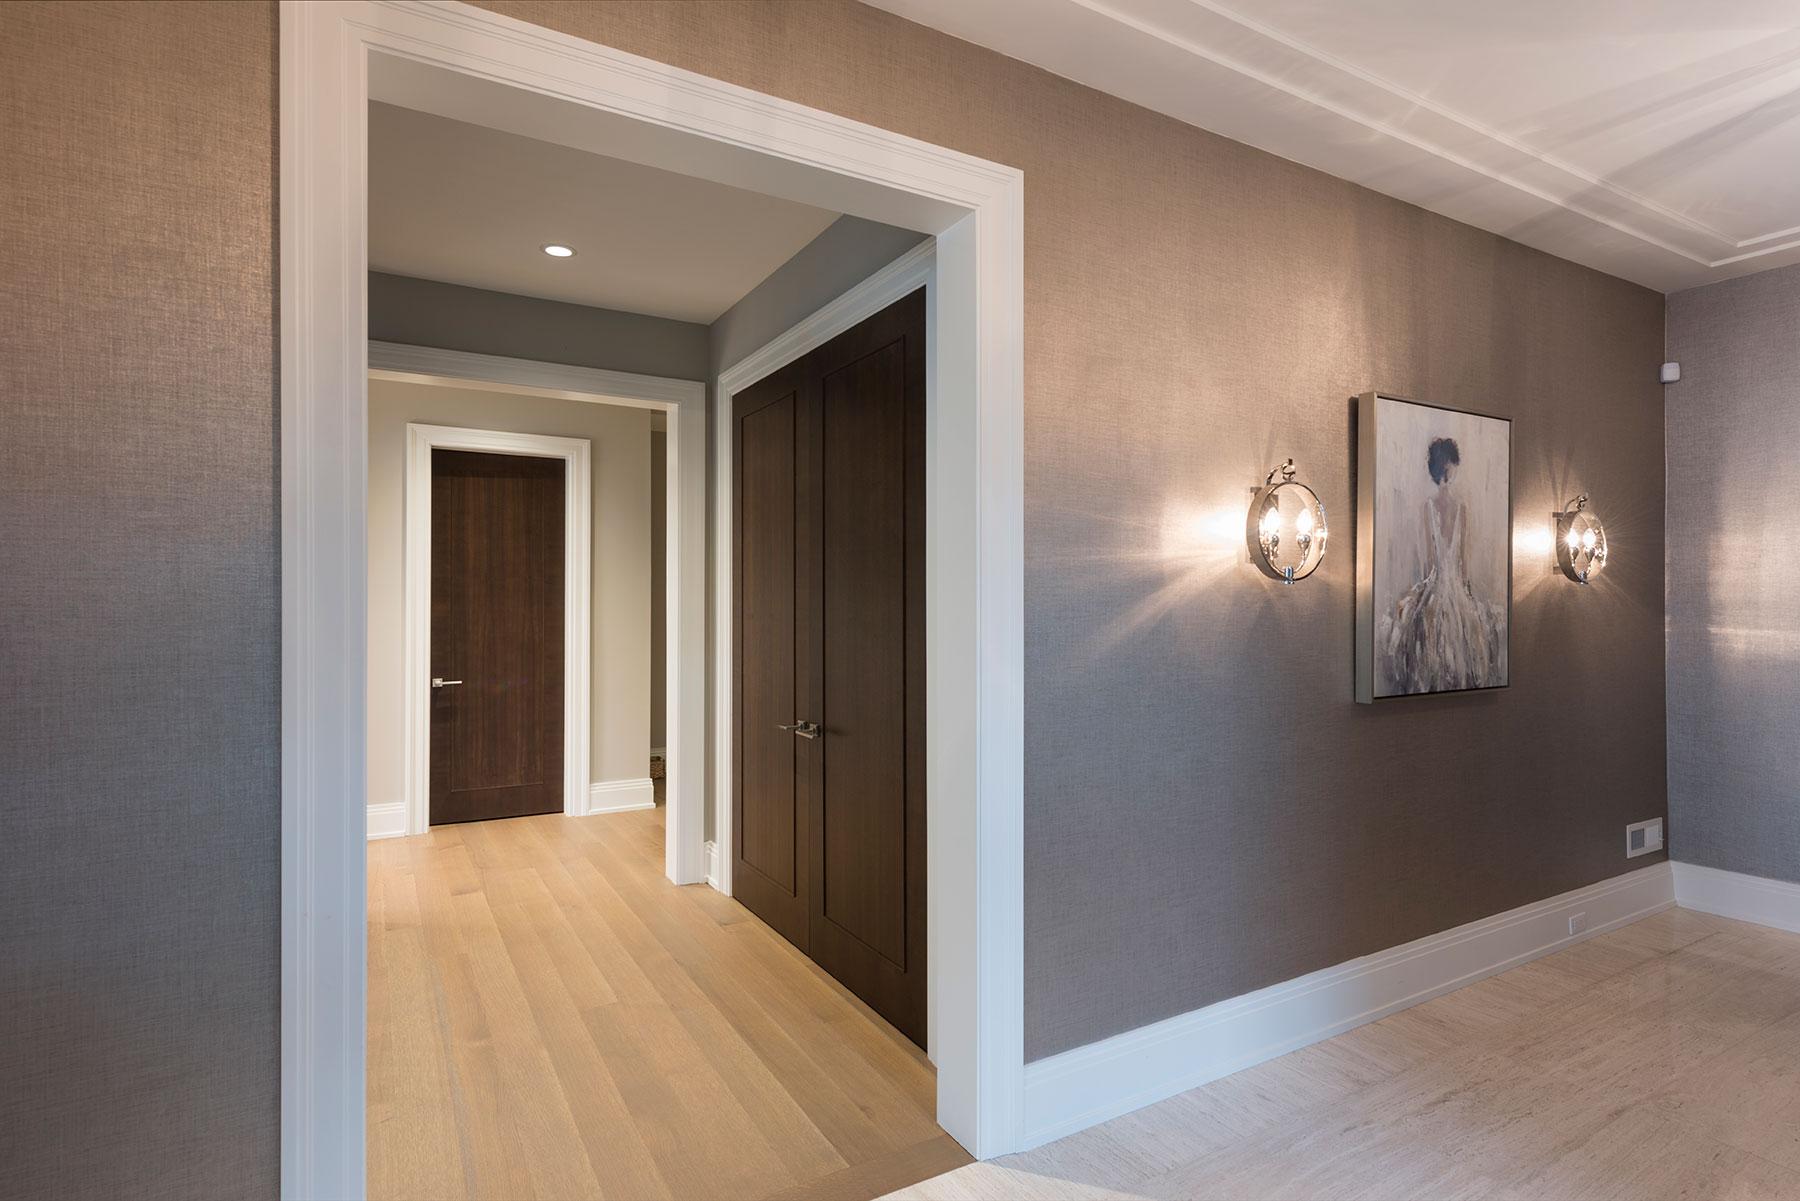 Custom Wood Interior Doors | Foyer, Office Double Doors DBIM-MD1005  - Glenview Doors - Custom Doors in Chicago